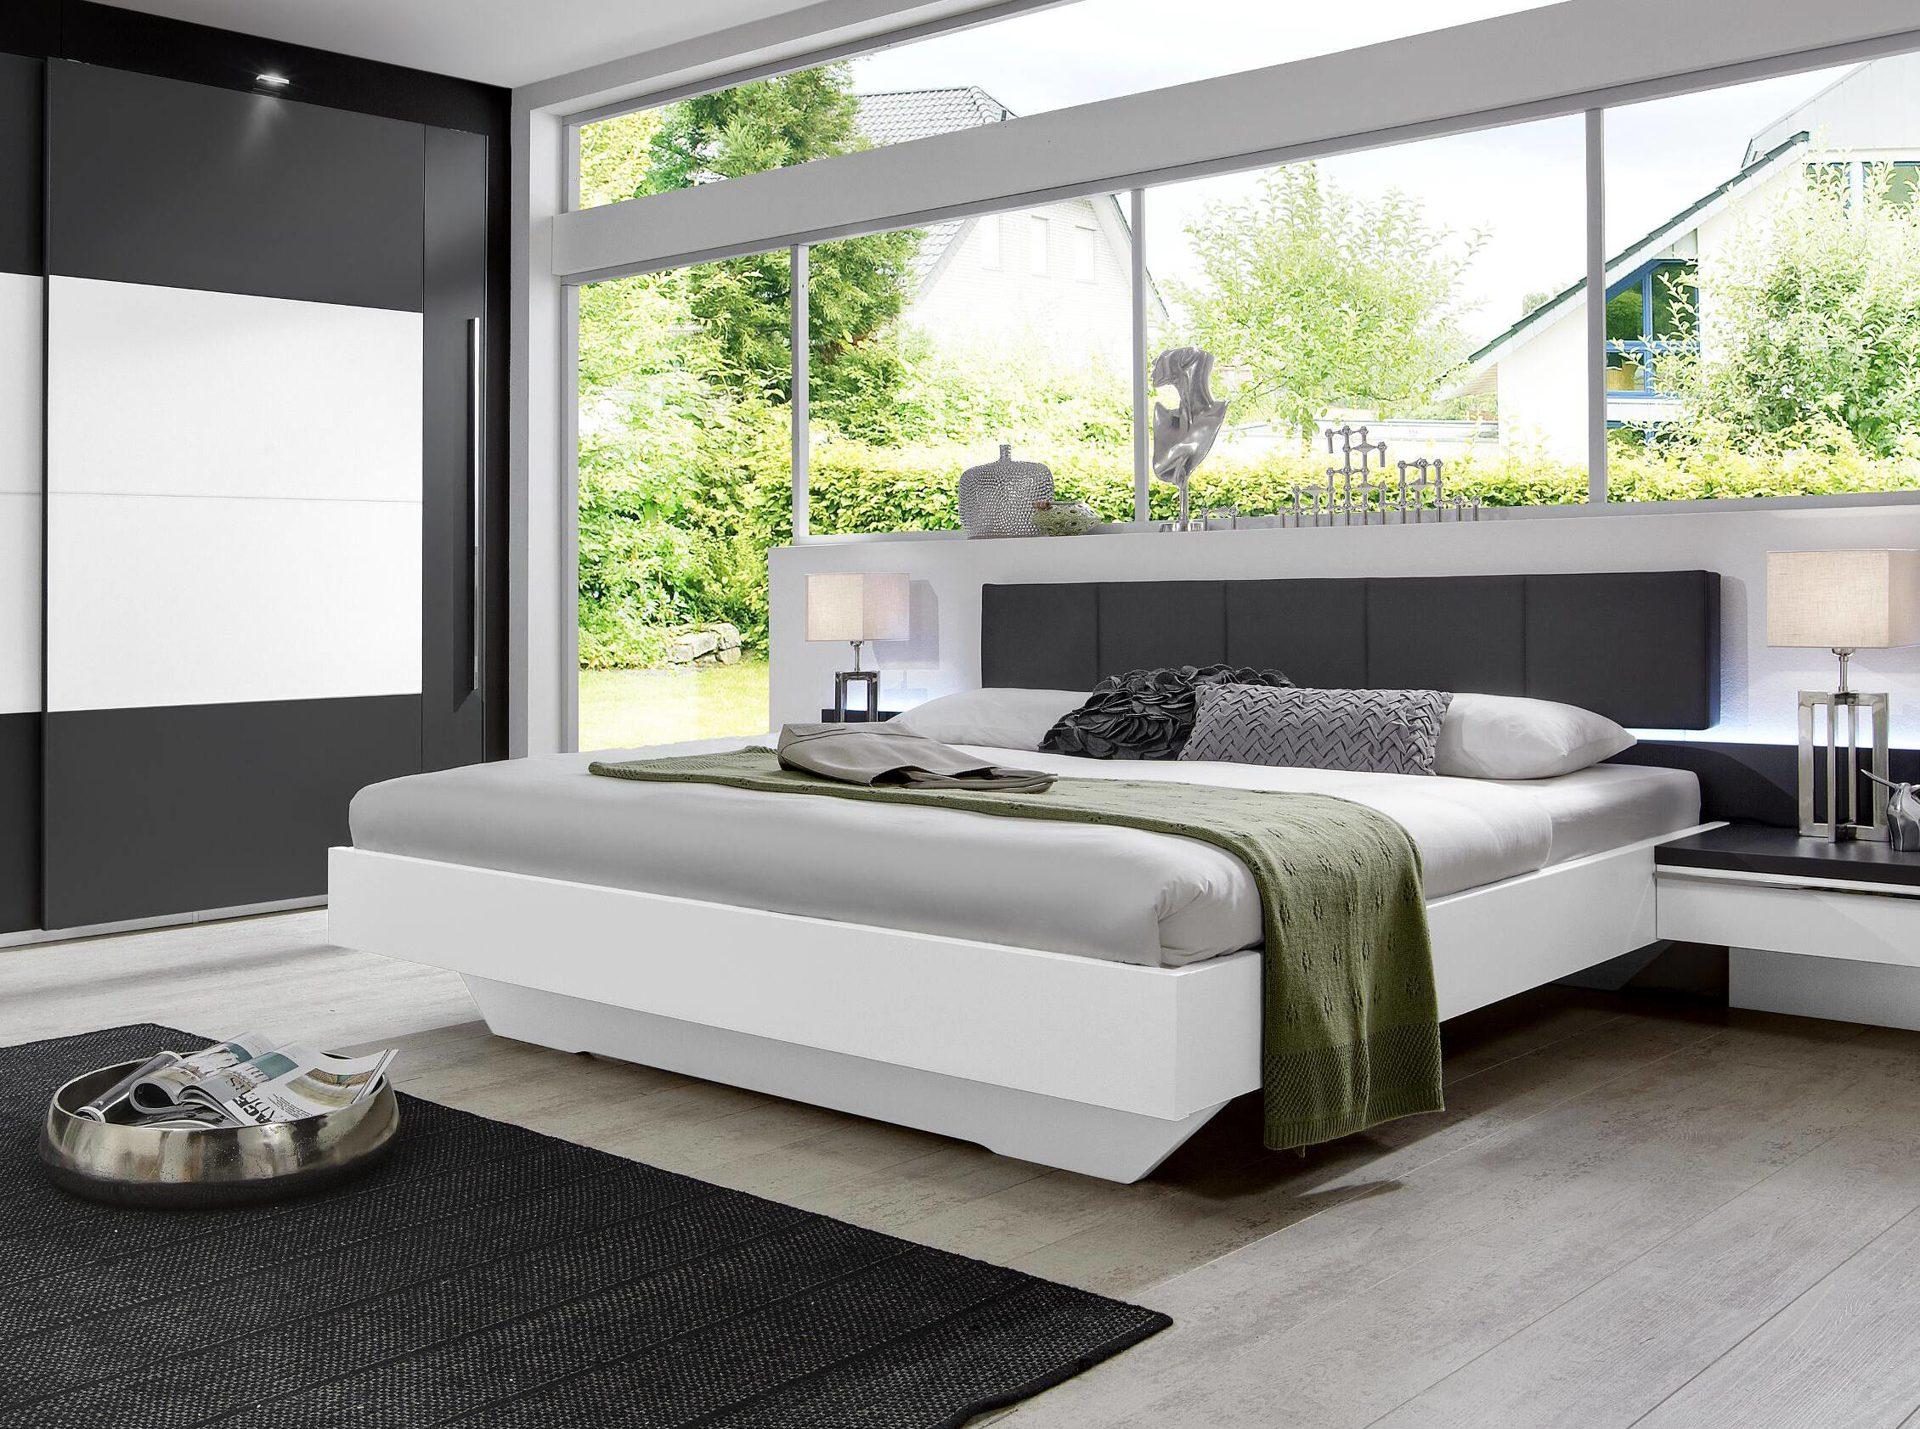 Wohnberatung Bühlen Kaunitz Verl, Räume, Schlafzimmer, Betten, rauch ...